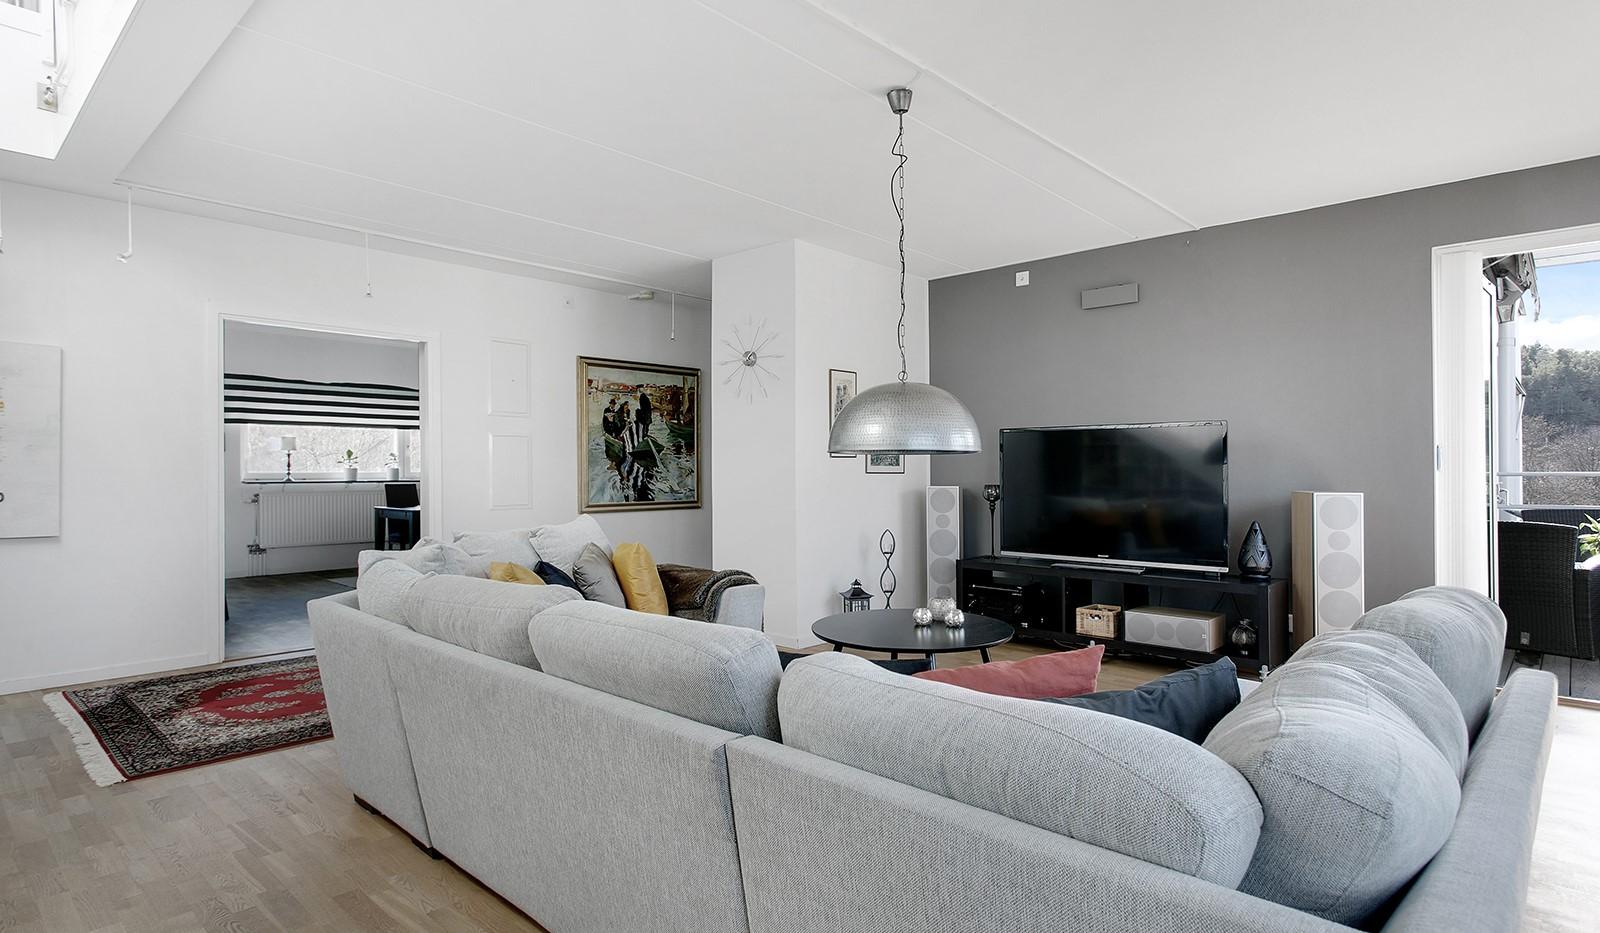 Sickla Kanalgata 64, vån 4 & 5 - Trevlig samlingsplats för familj och vänner